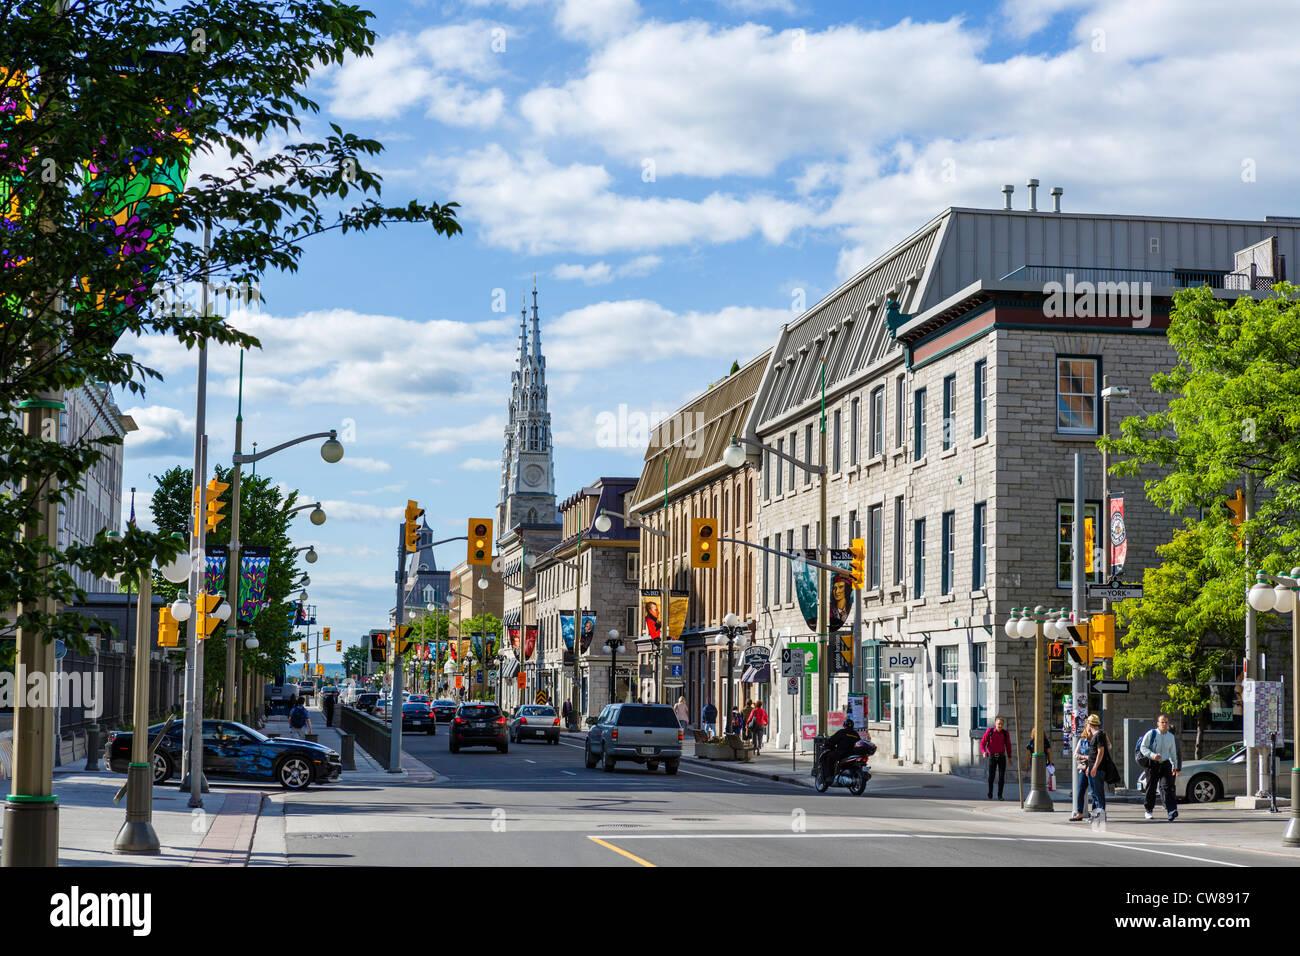 Historische Gebäude auf Sussex Antrieb mit Blick auf die Kathedrale, Ottawa, Ontario, Kanada Stockbild